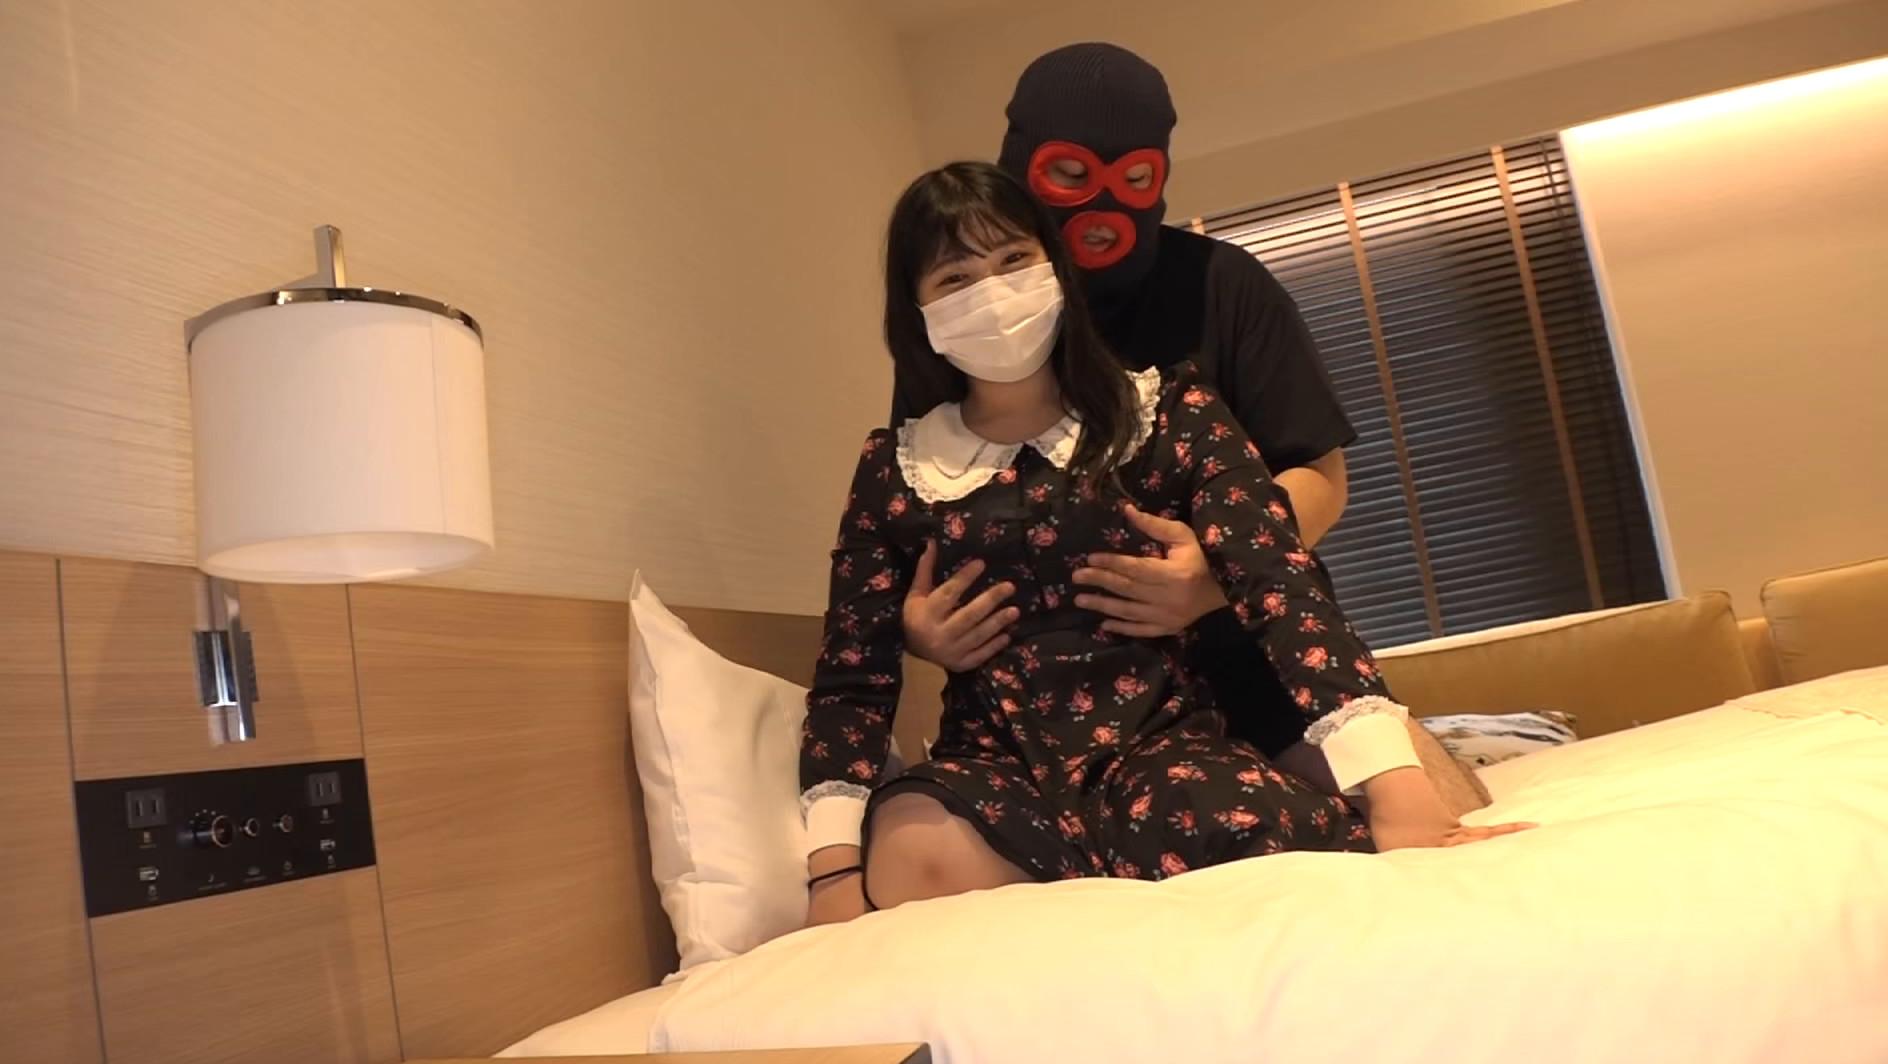 マスク着用を条件に自宅でエッチな撮影を了承してくれた普通の女子大生 ももちゃん 22歳,のサンプル画像5